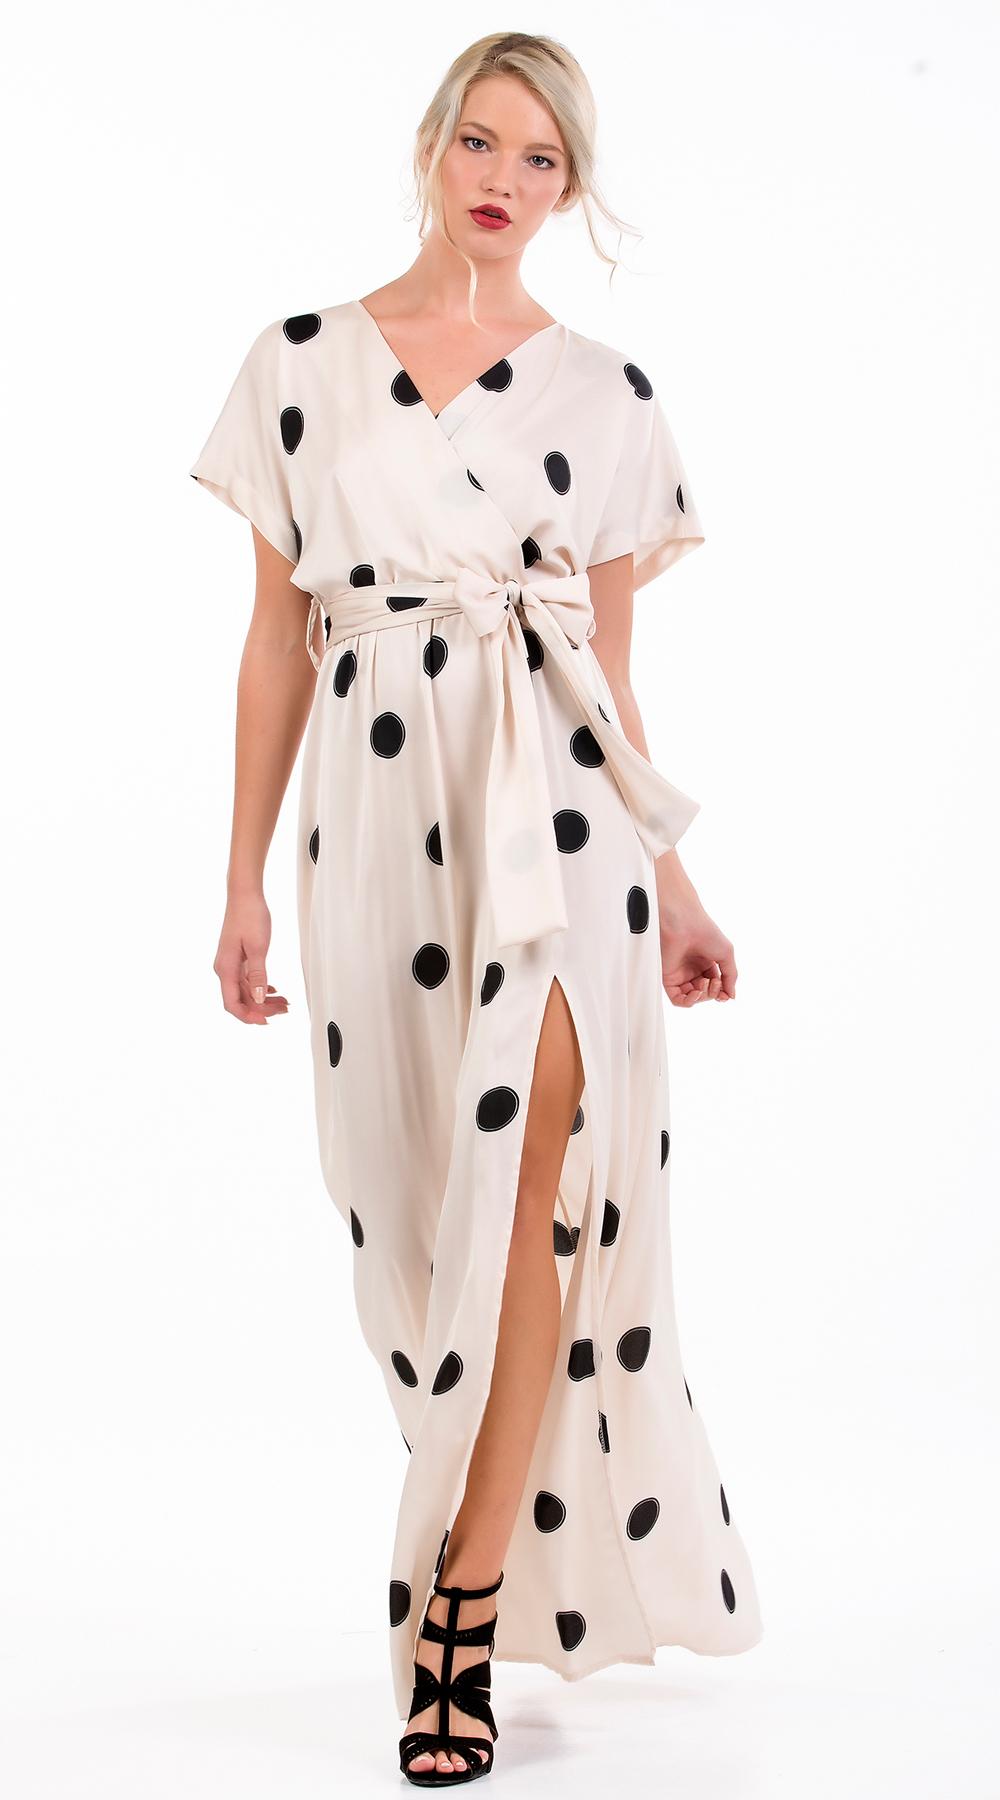 Μάξι Φόρεμα Online Πουά με σκίσιμο - OEM - FA17-51826006 f37041f5a27